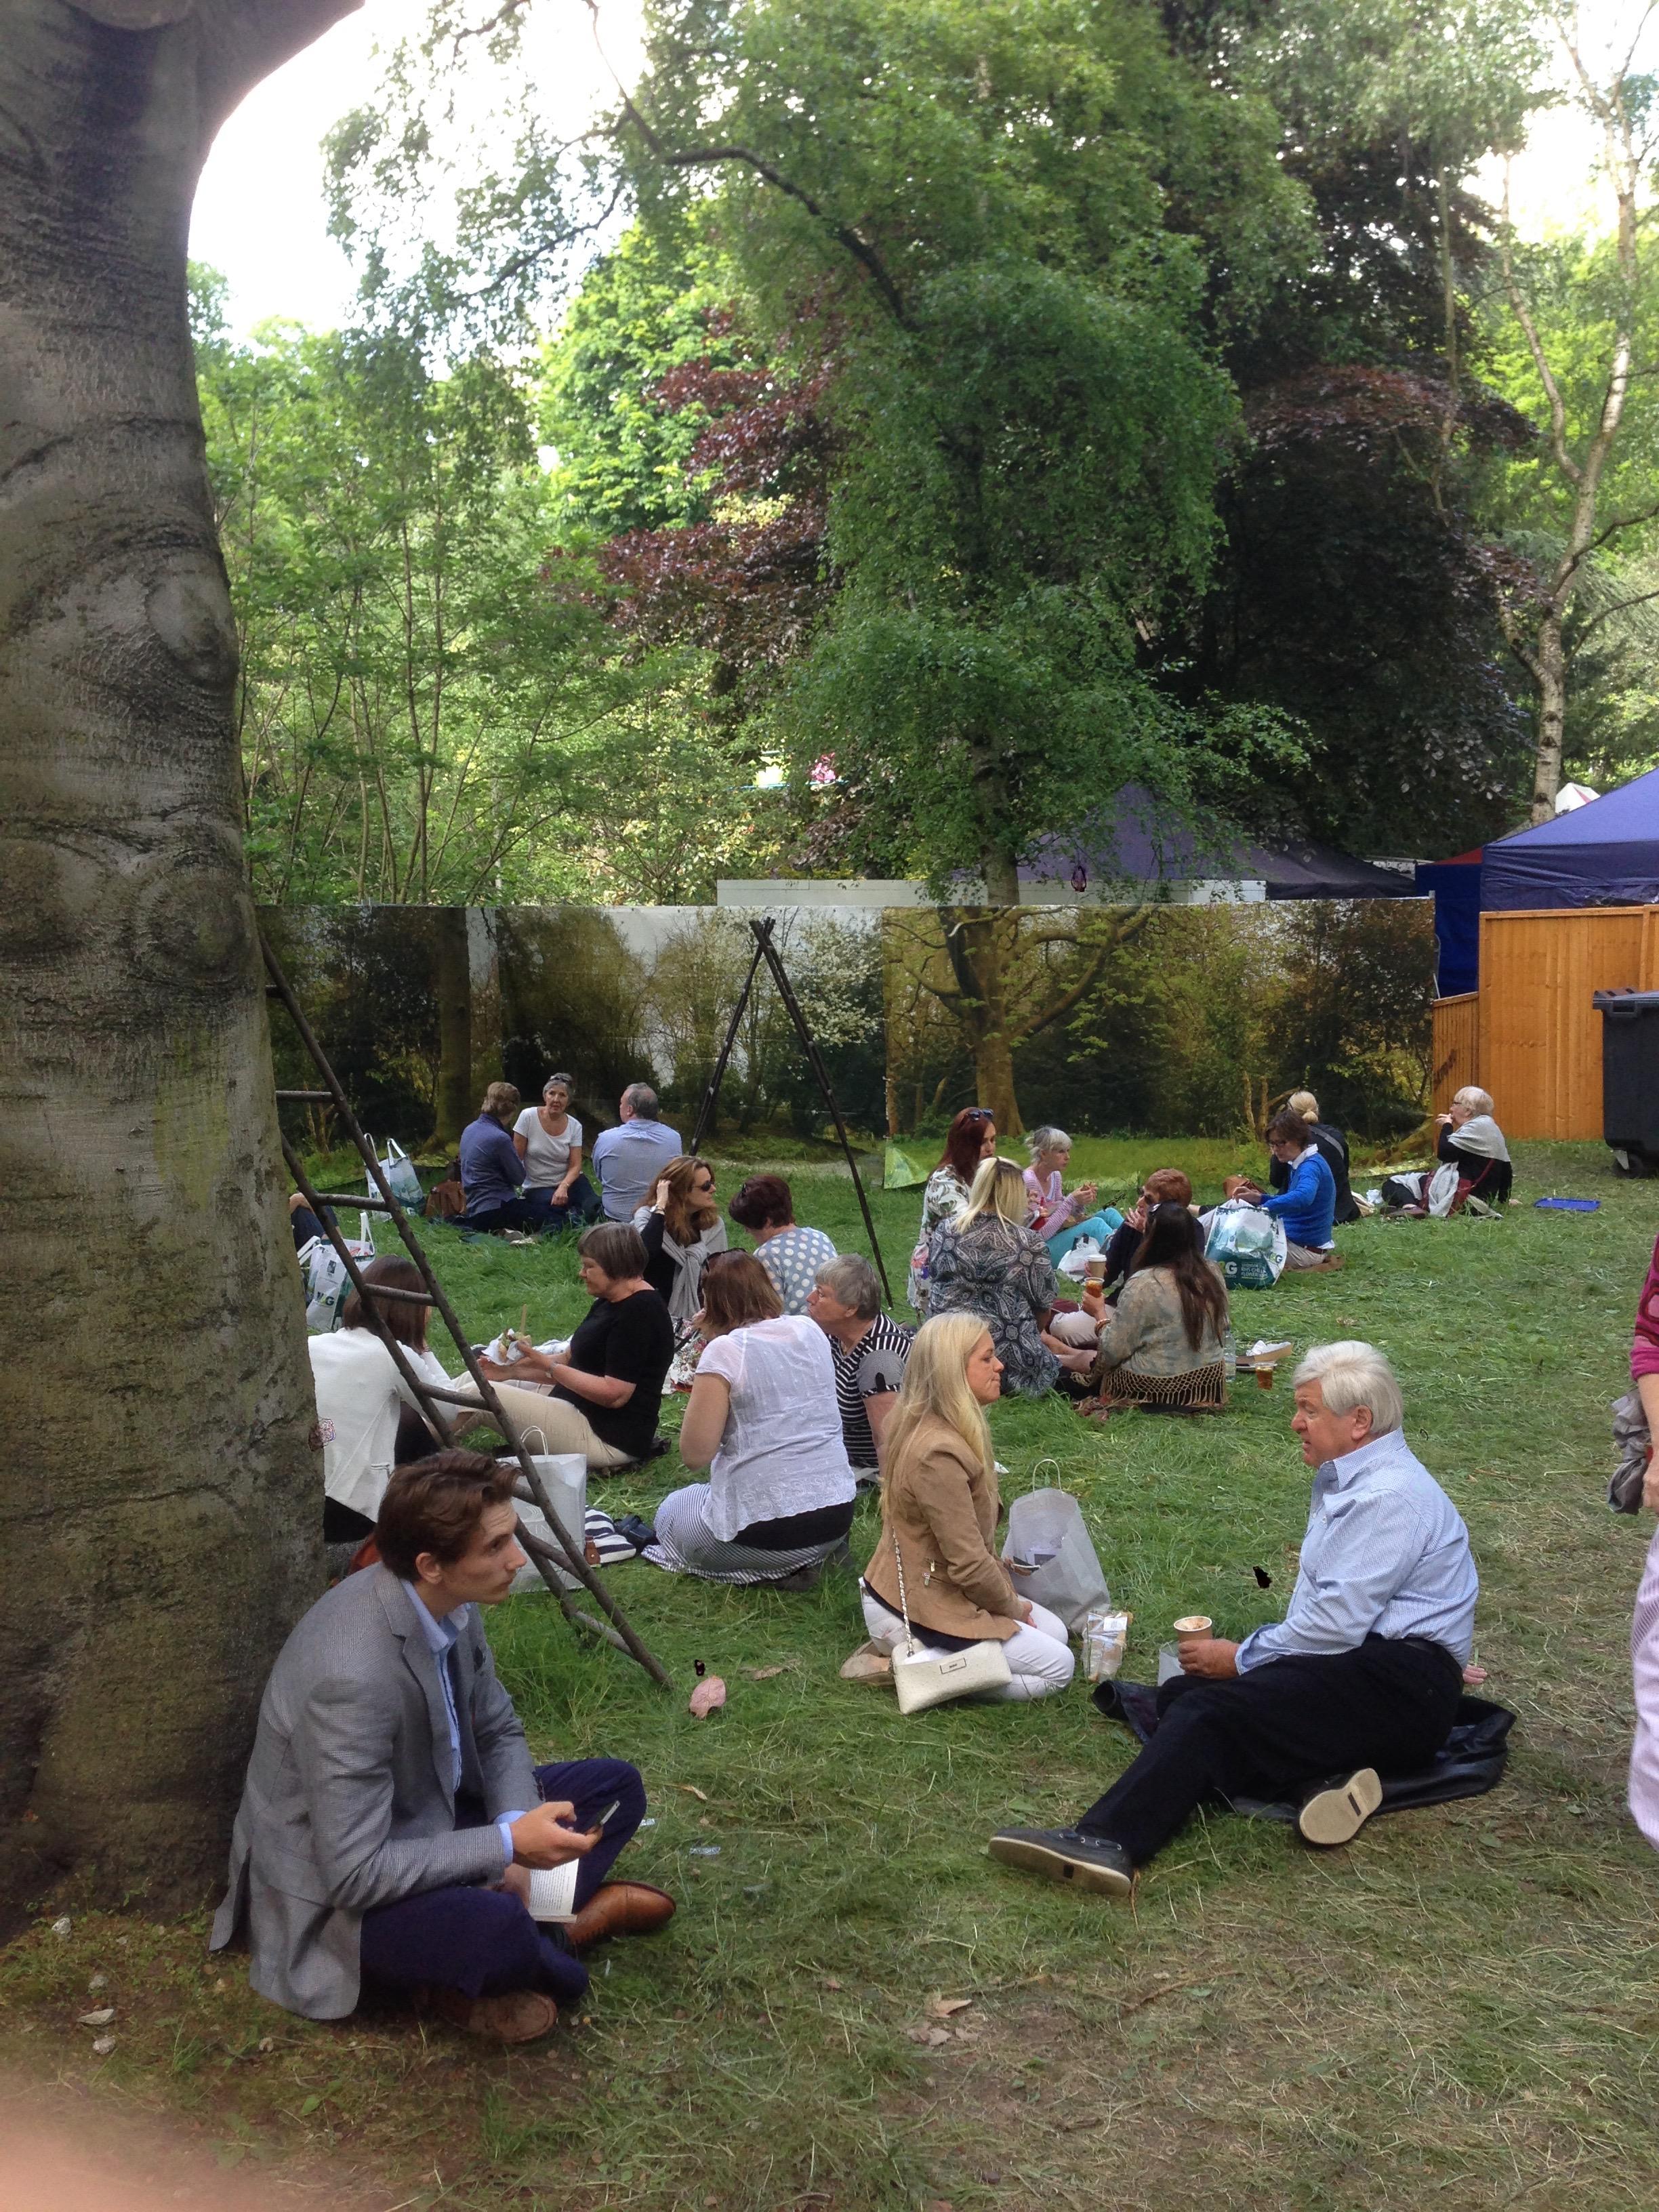 De Engelsen maken een leuk dagje uit van Chelsea, inclusief met z'n allen picknicken in het belendende park.